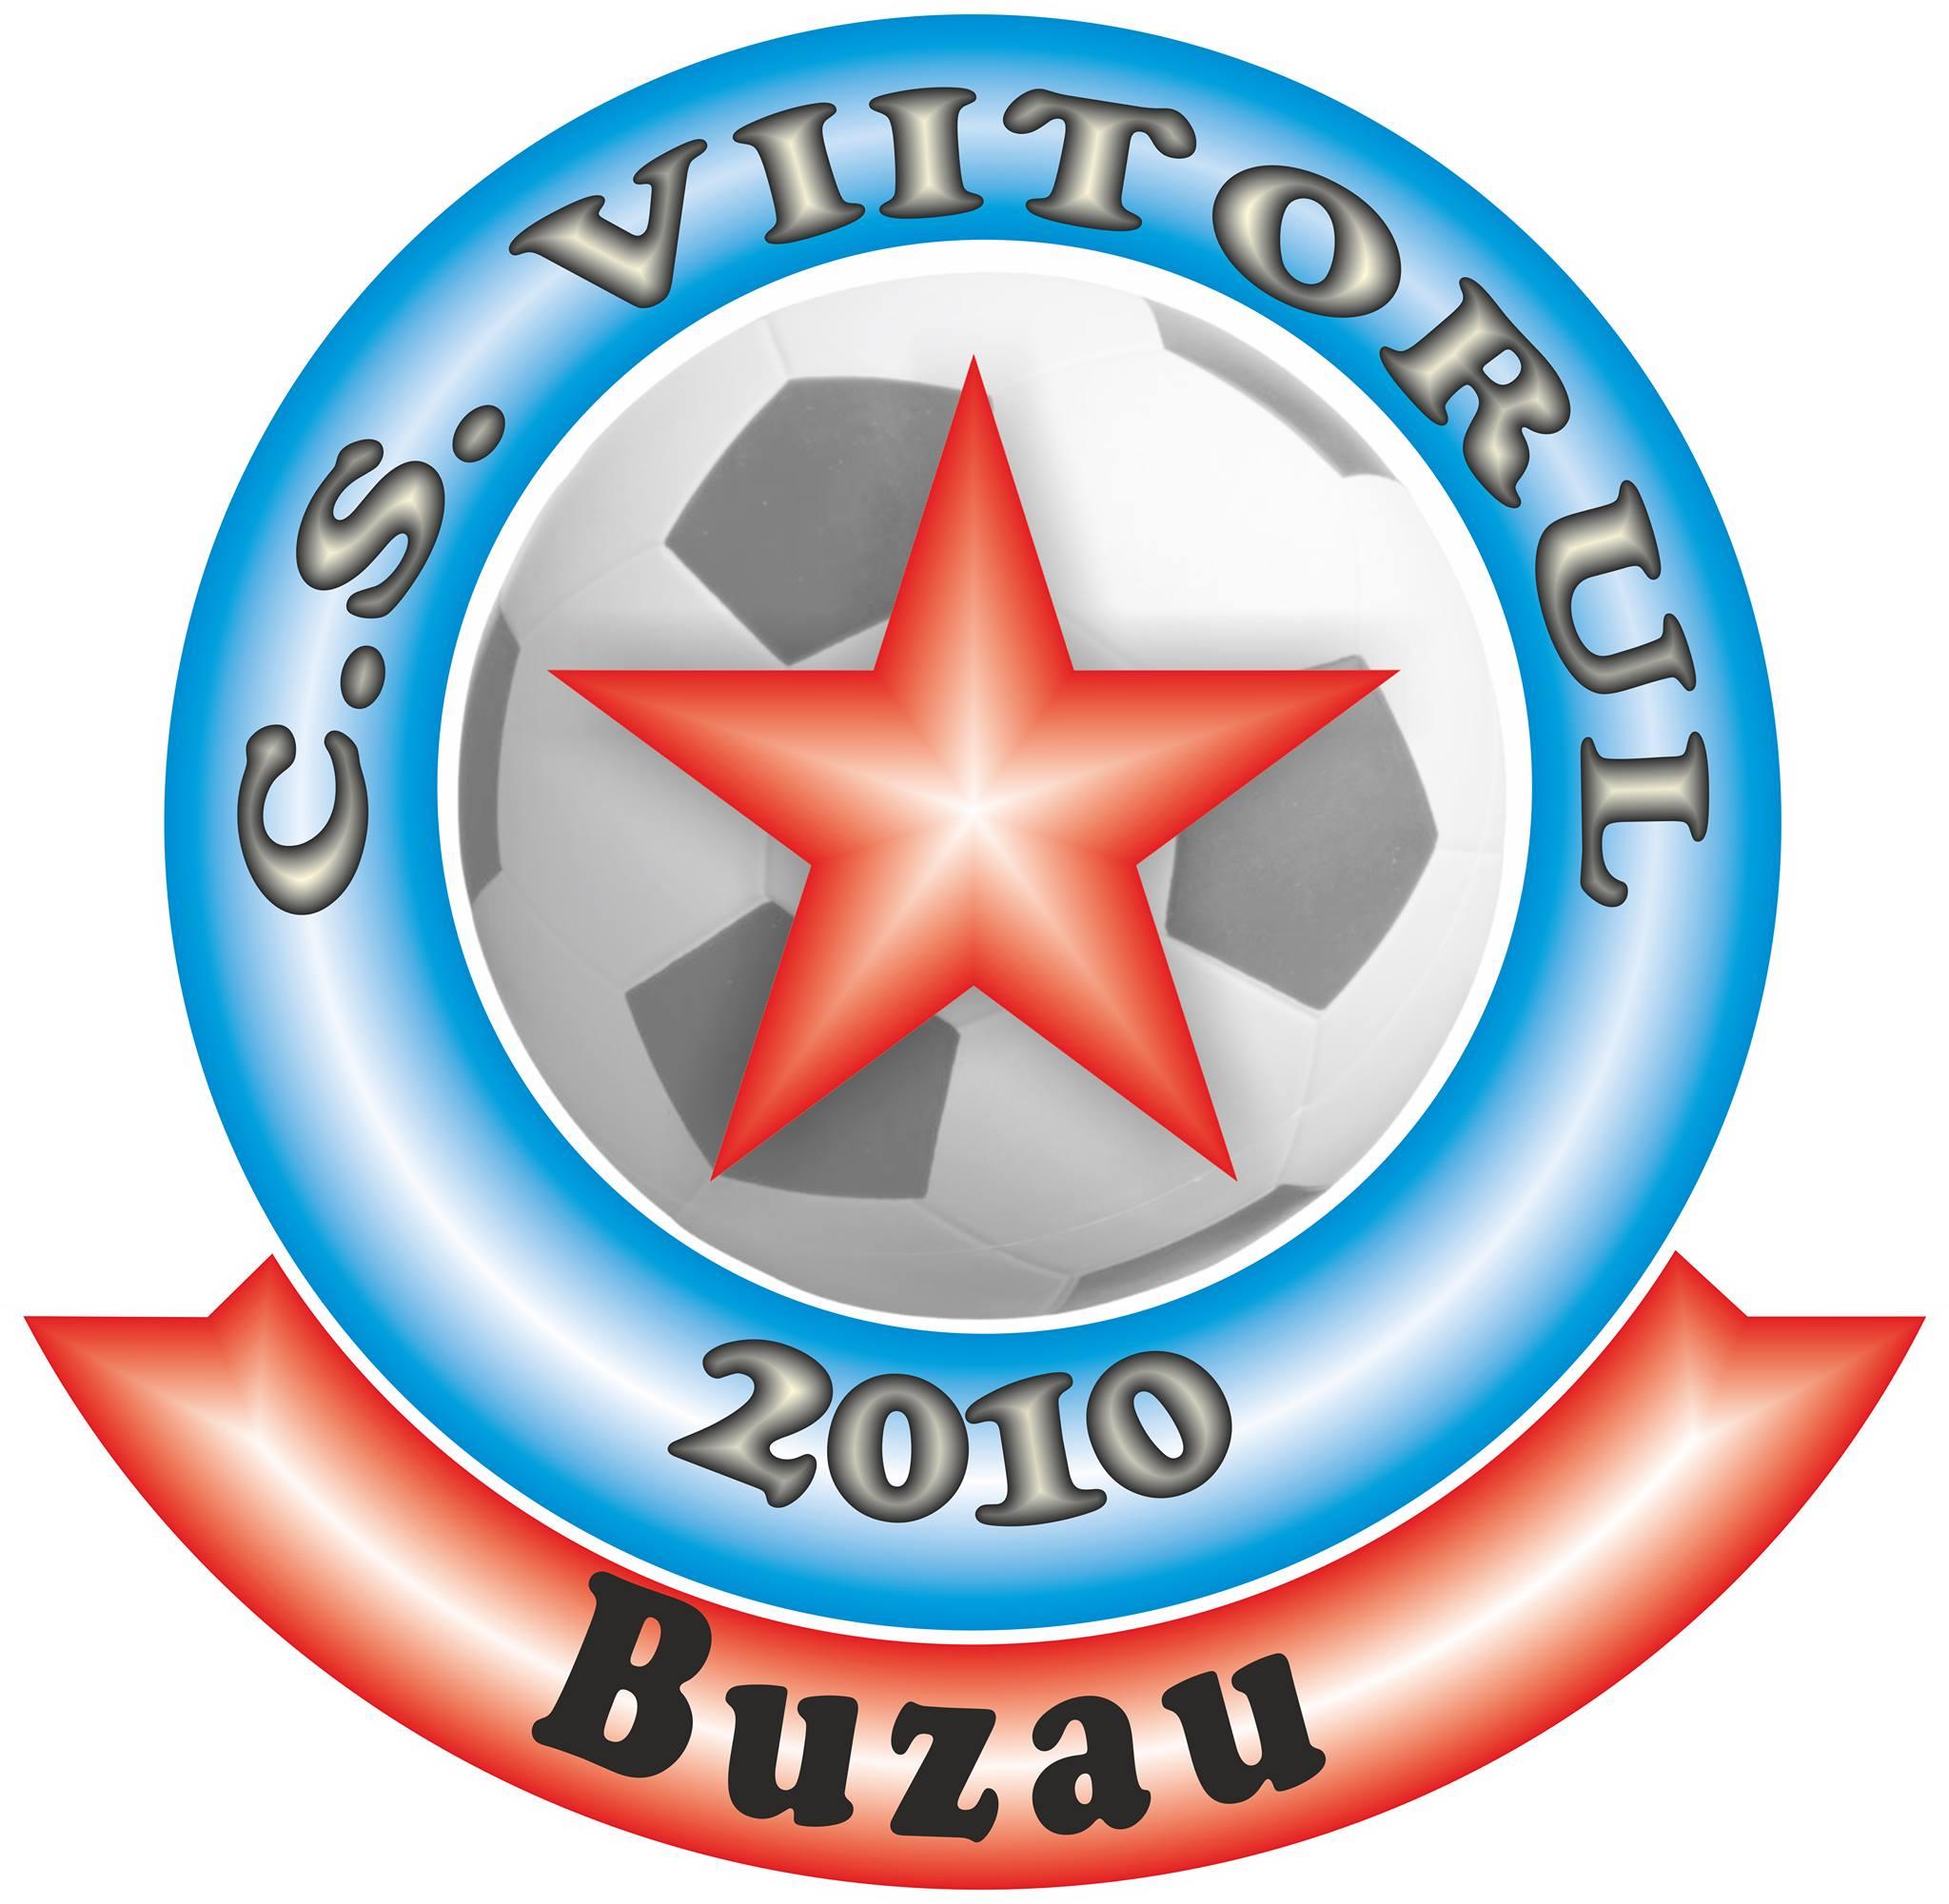 CS Viitorul 2010 Buzau 2